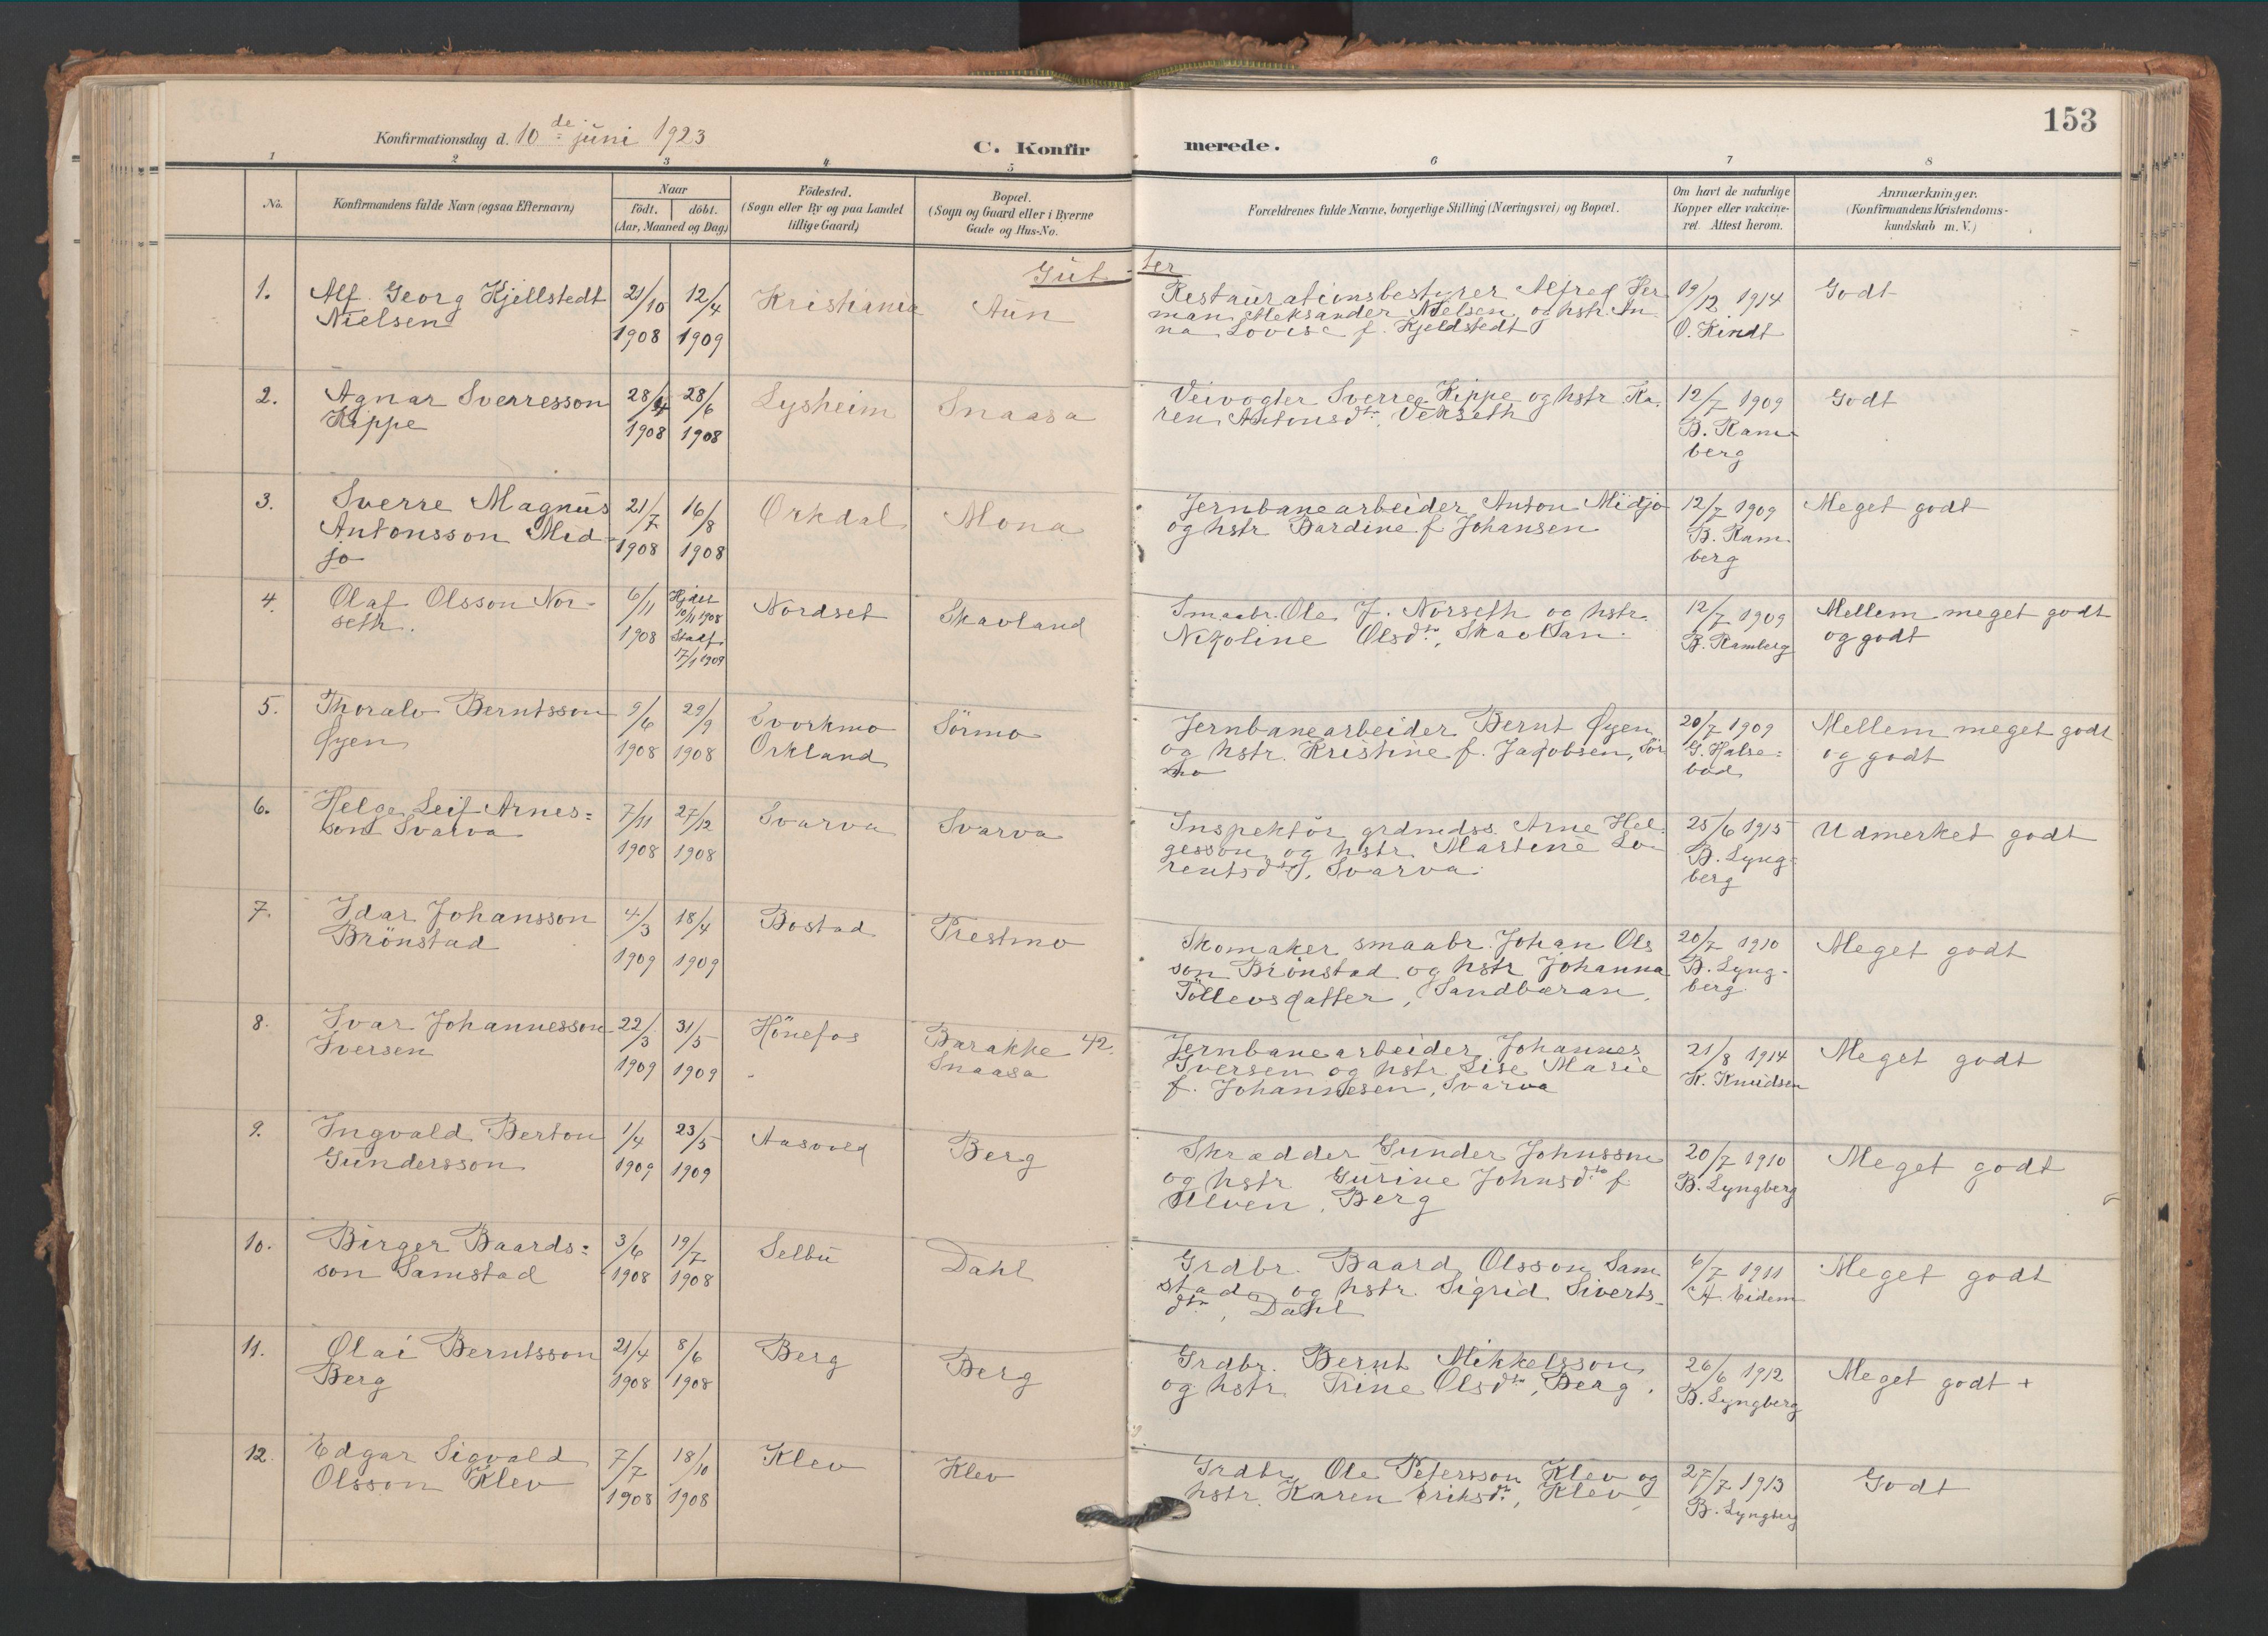 SAT, Ministerialprotokoller, klokkerbøker og fødselsregistre - Nord-Trøndelag, 749/L0477: Ministerialbok nr. 749A11, 1902-1927, s. 153